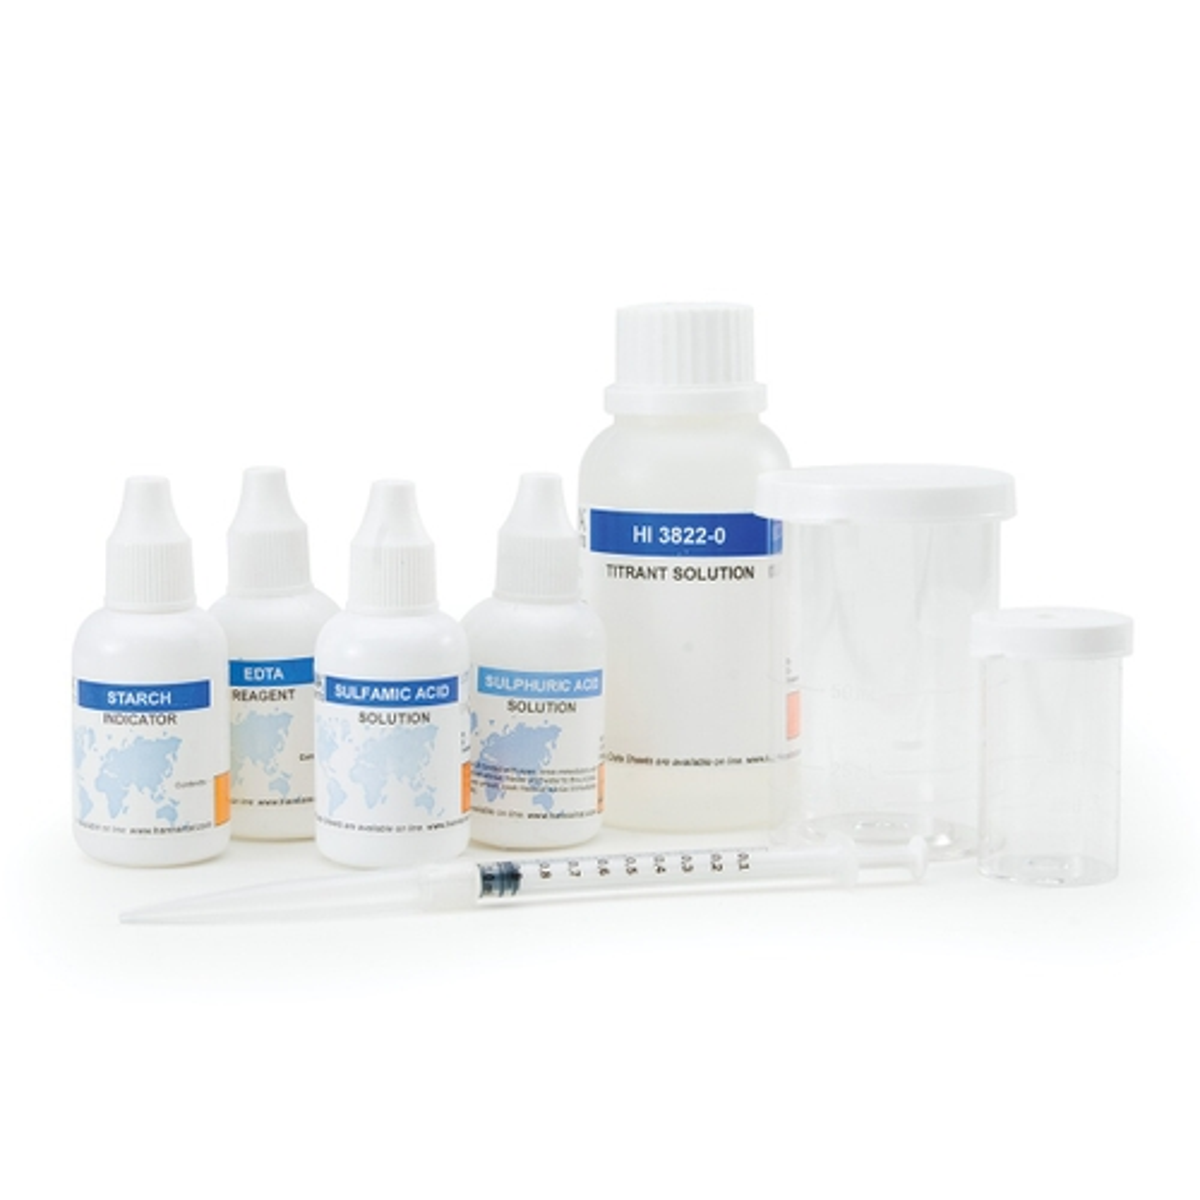 Kit Químico de Pruebas para Sulfito - HI3822